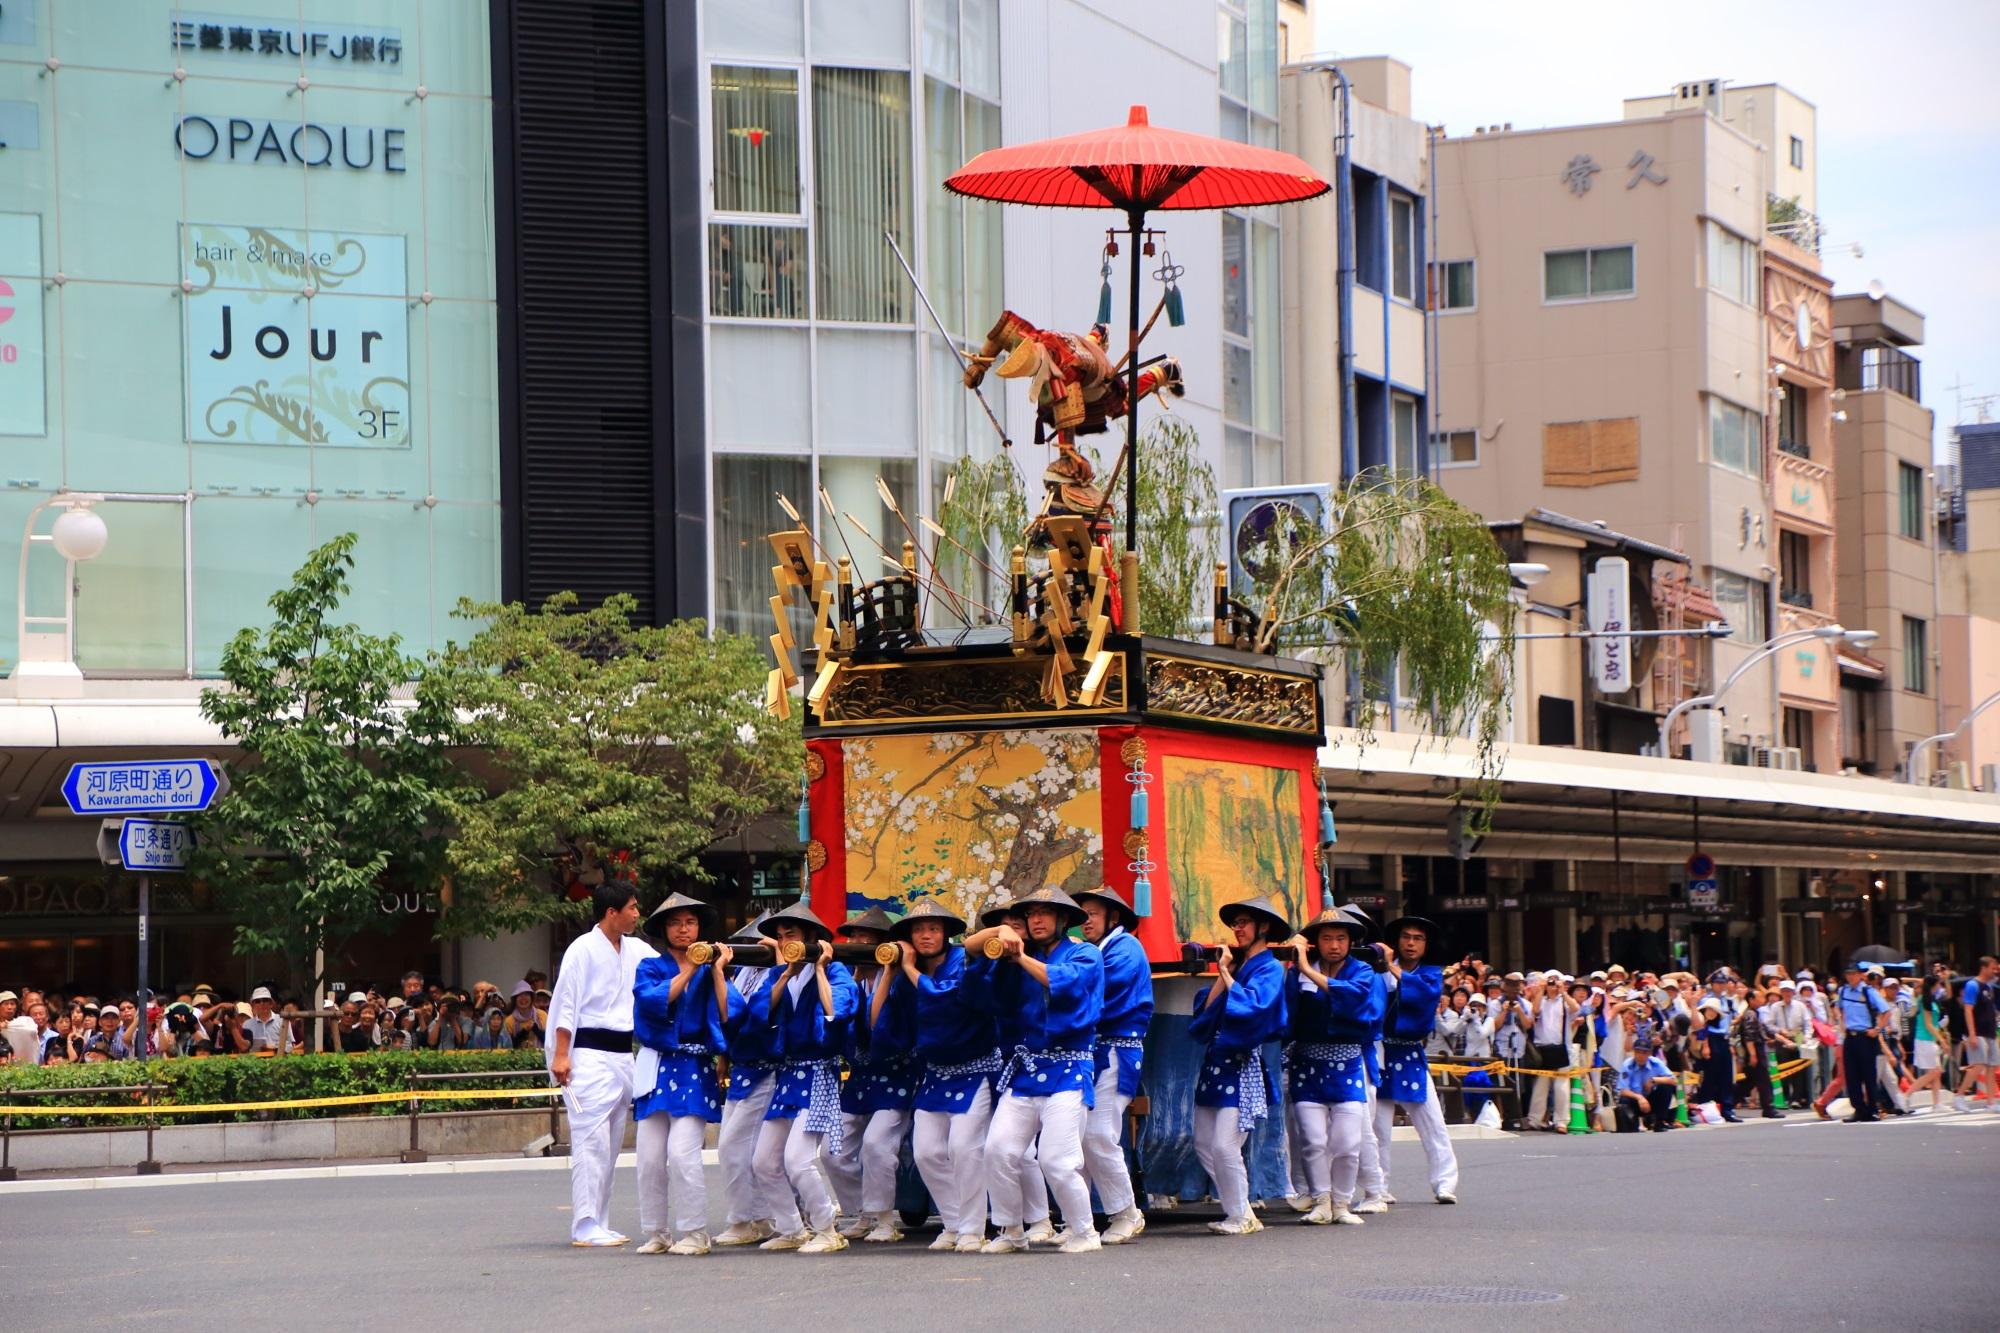 祇園祭後祭の山鉾巡行の浄妙山(じょうみょうやま) 2015年月24日